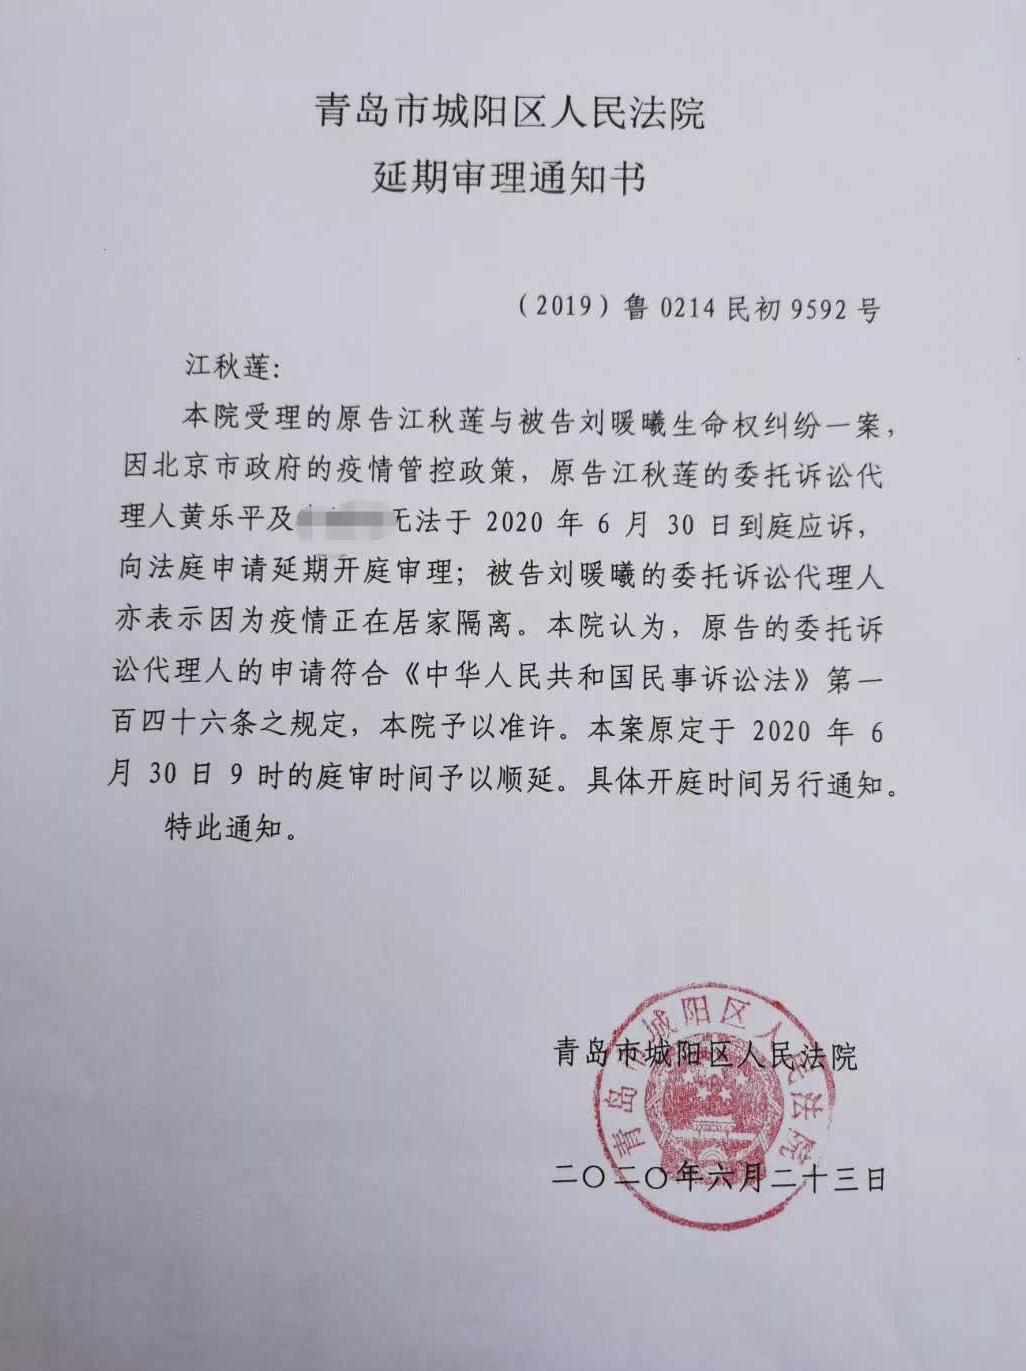 「摩天招商」江歌母亲诉刘摩天招商鑫生命权纠图片